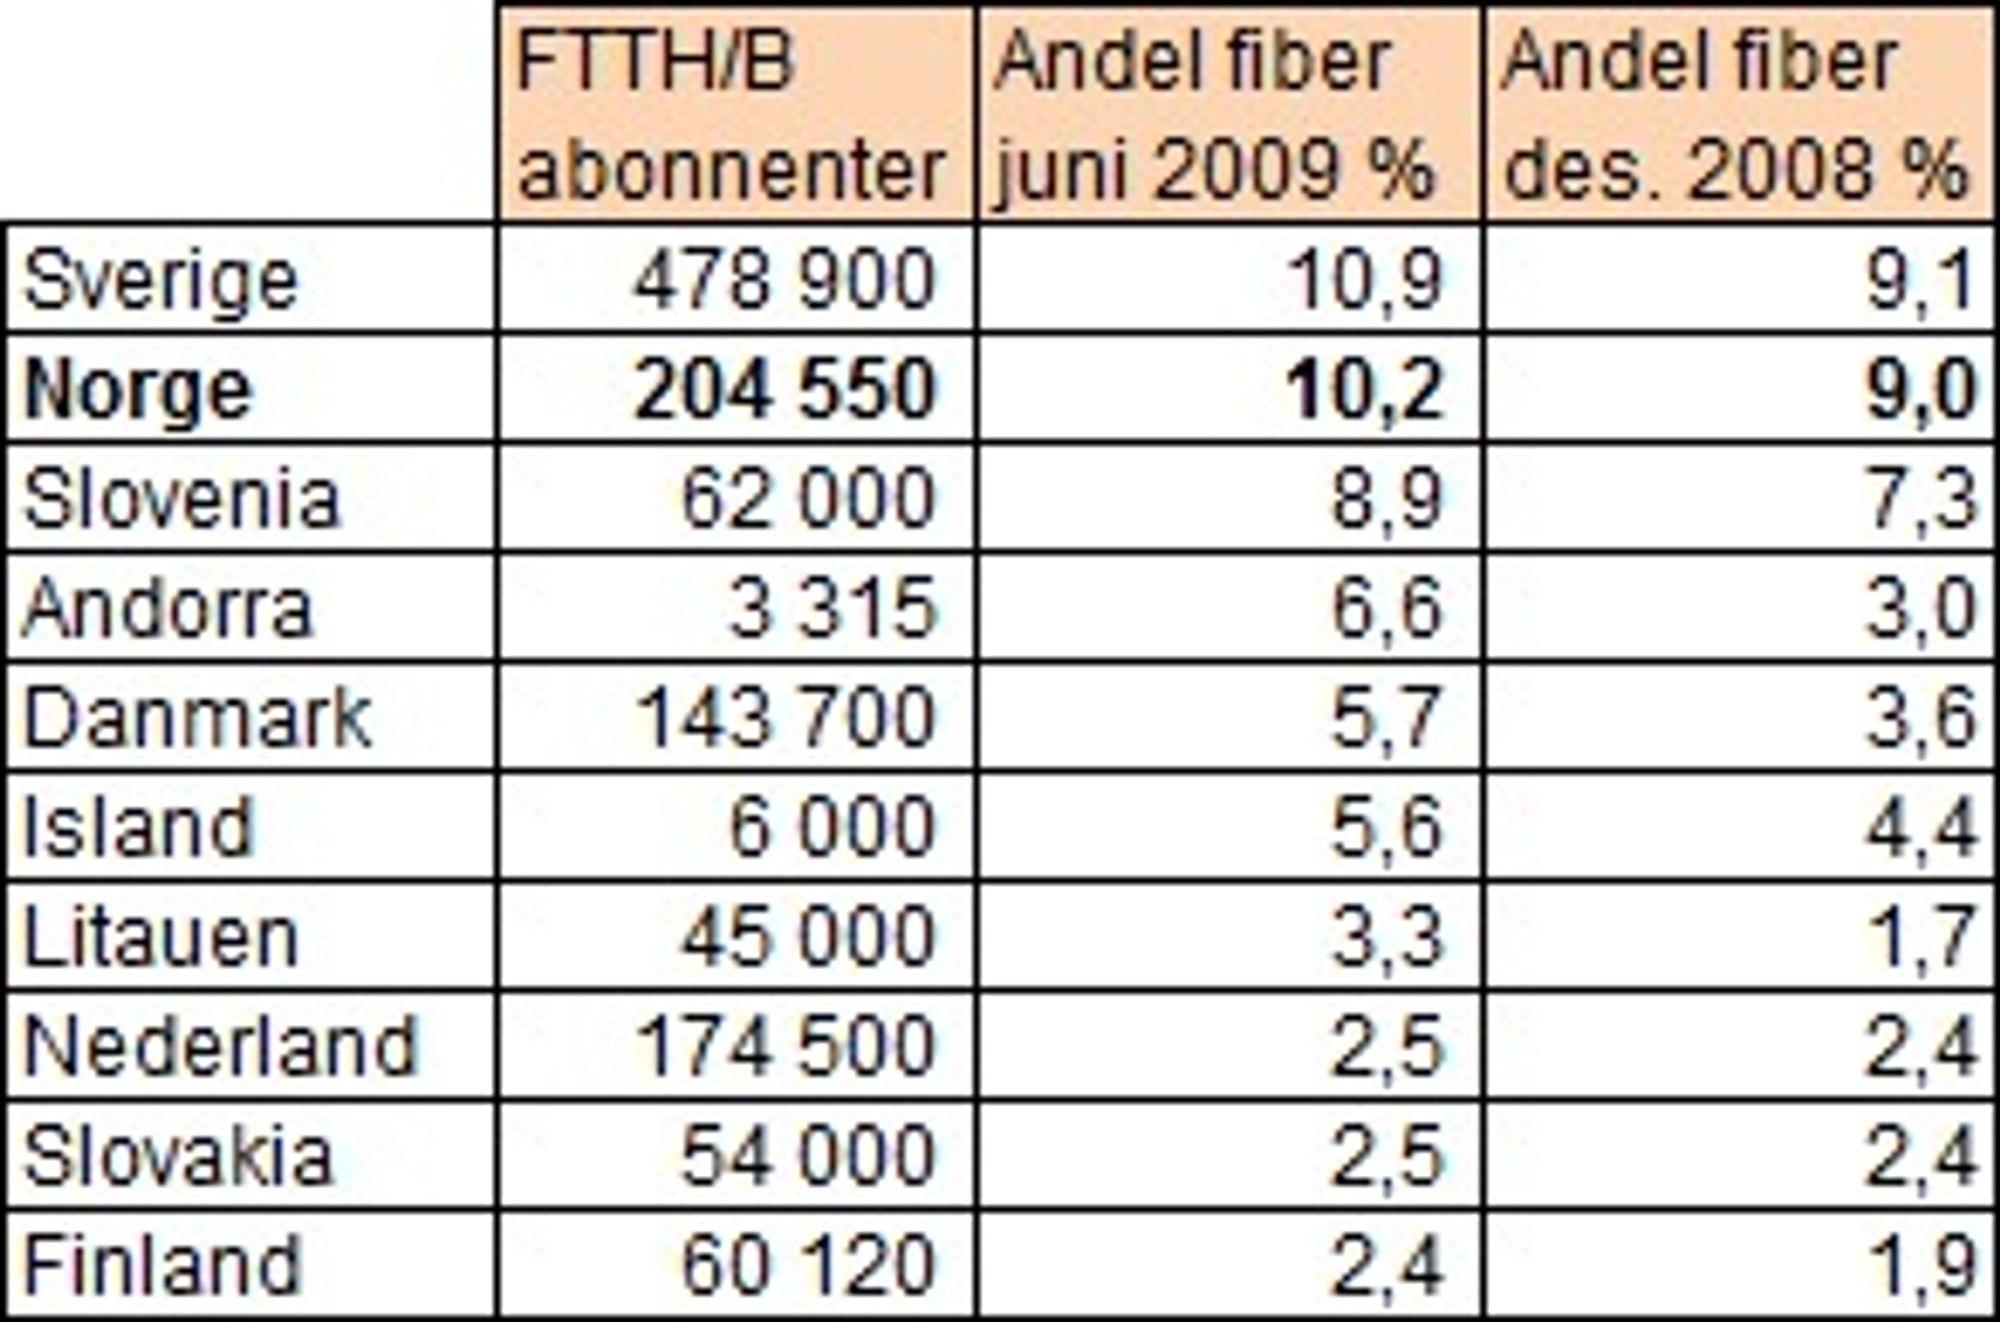 Norge har nest best fiber-andel i Europa ifølge FTTH. (Kilde: FTTH Council rapport september 2009)